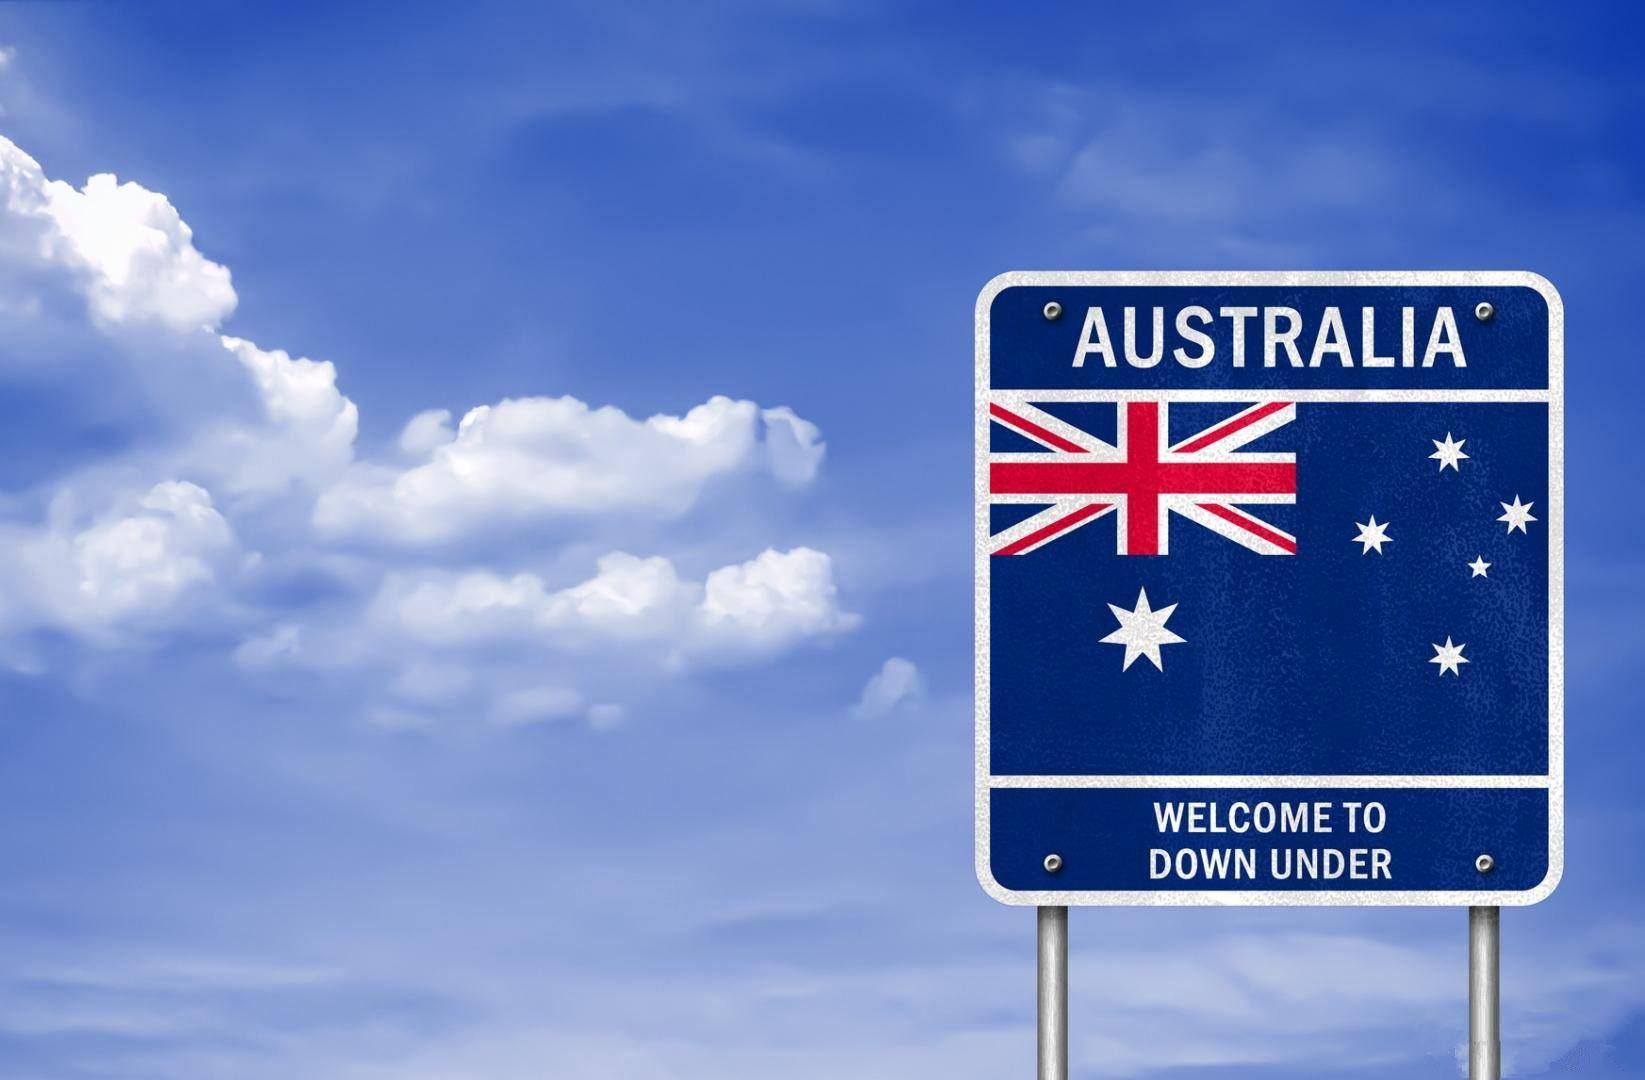 2019澳洲留学新动态:傲娇的八大申请条件更严格